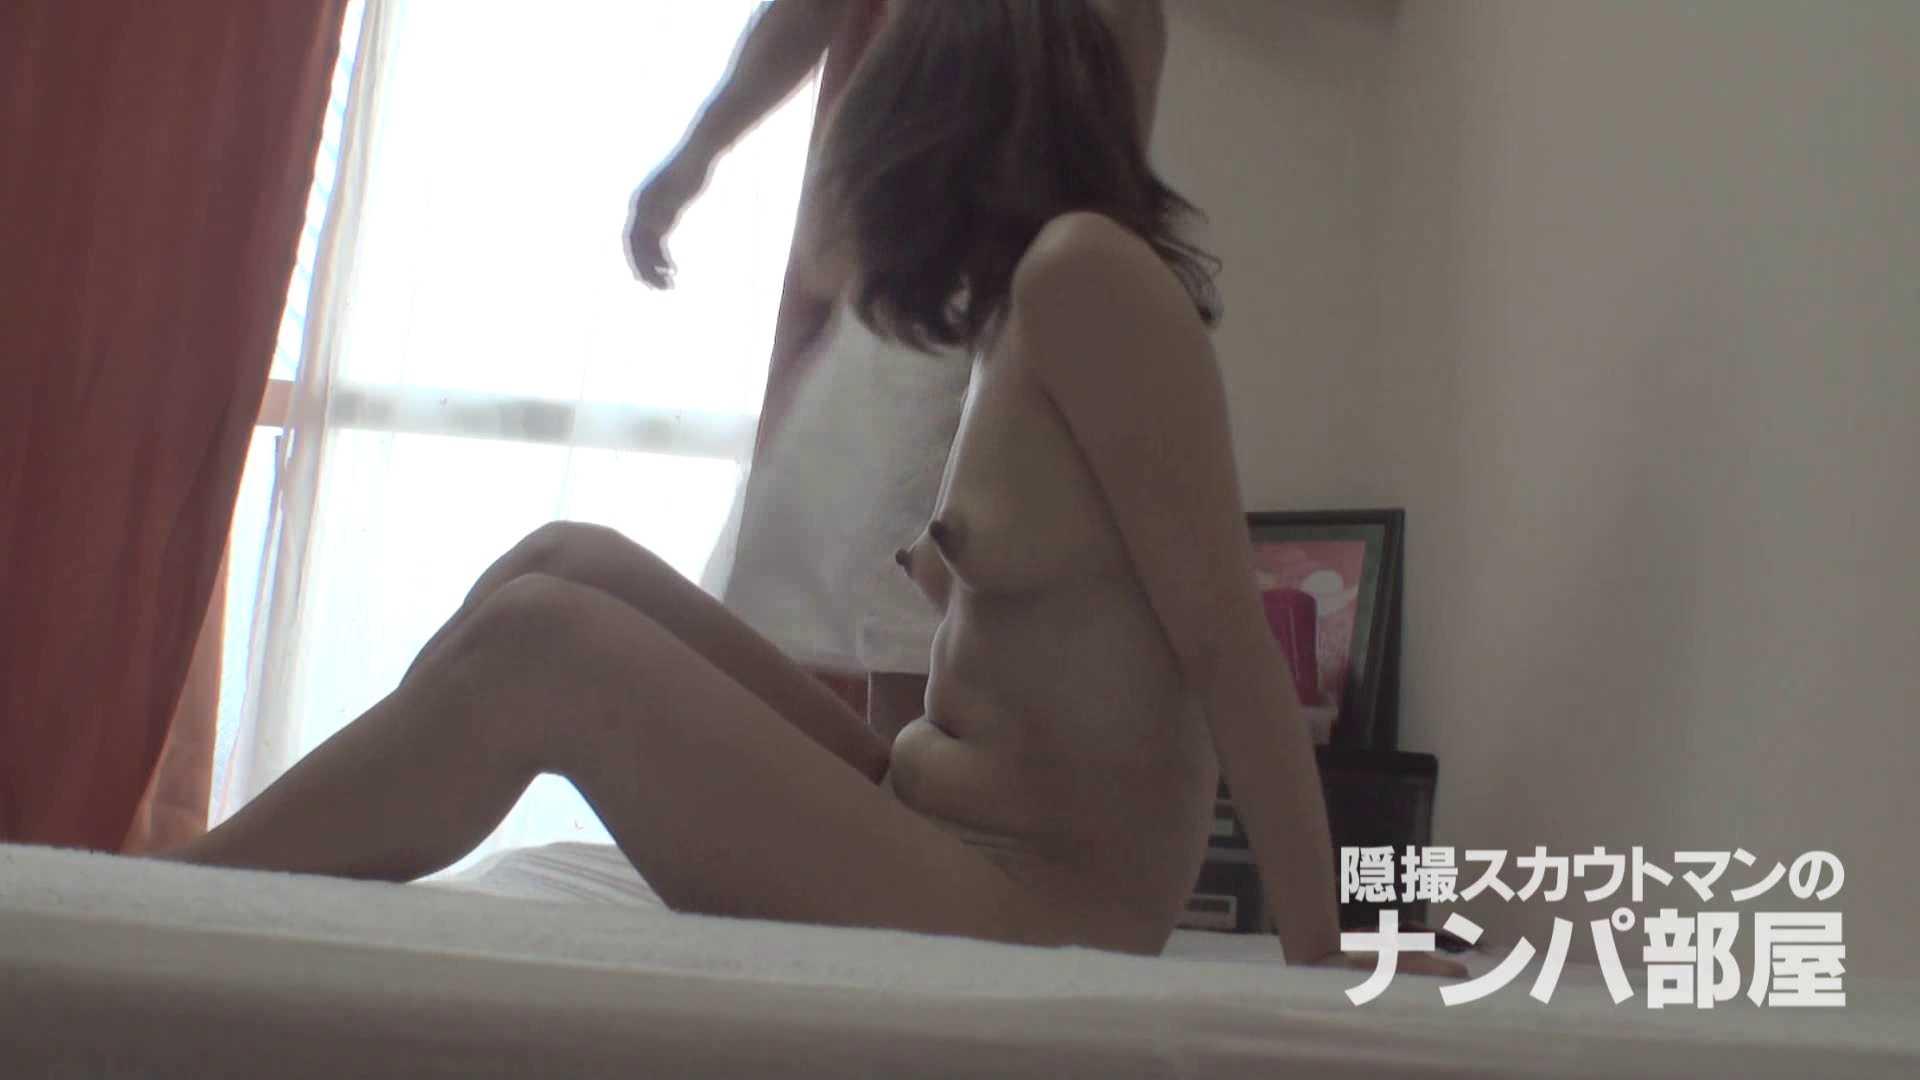 隠撮スカウトマンのナンパ部屋~風俗デビュー前のつまみ食い~ sii 隠撮  94pic 78